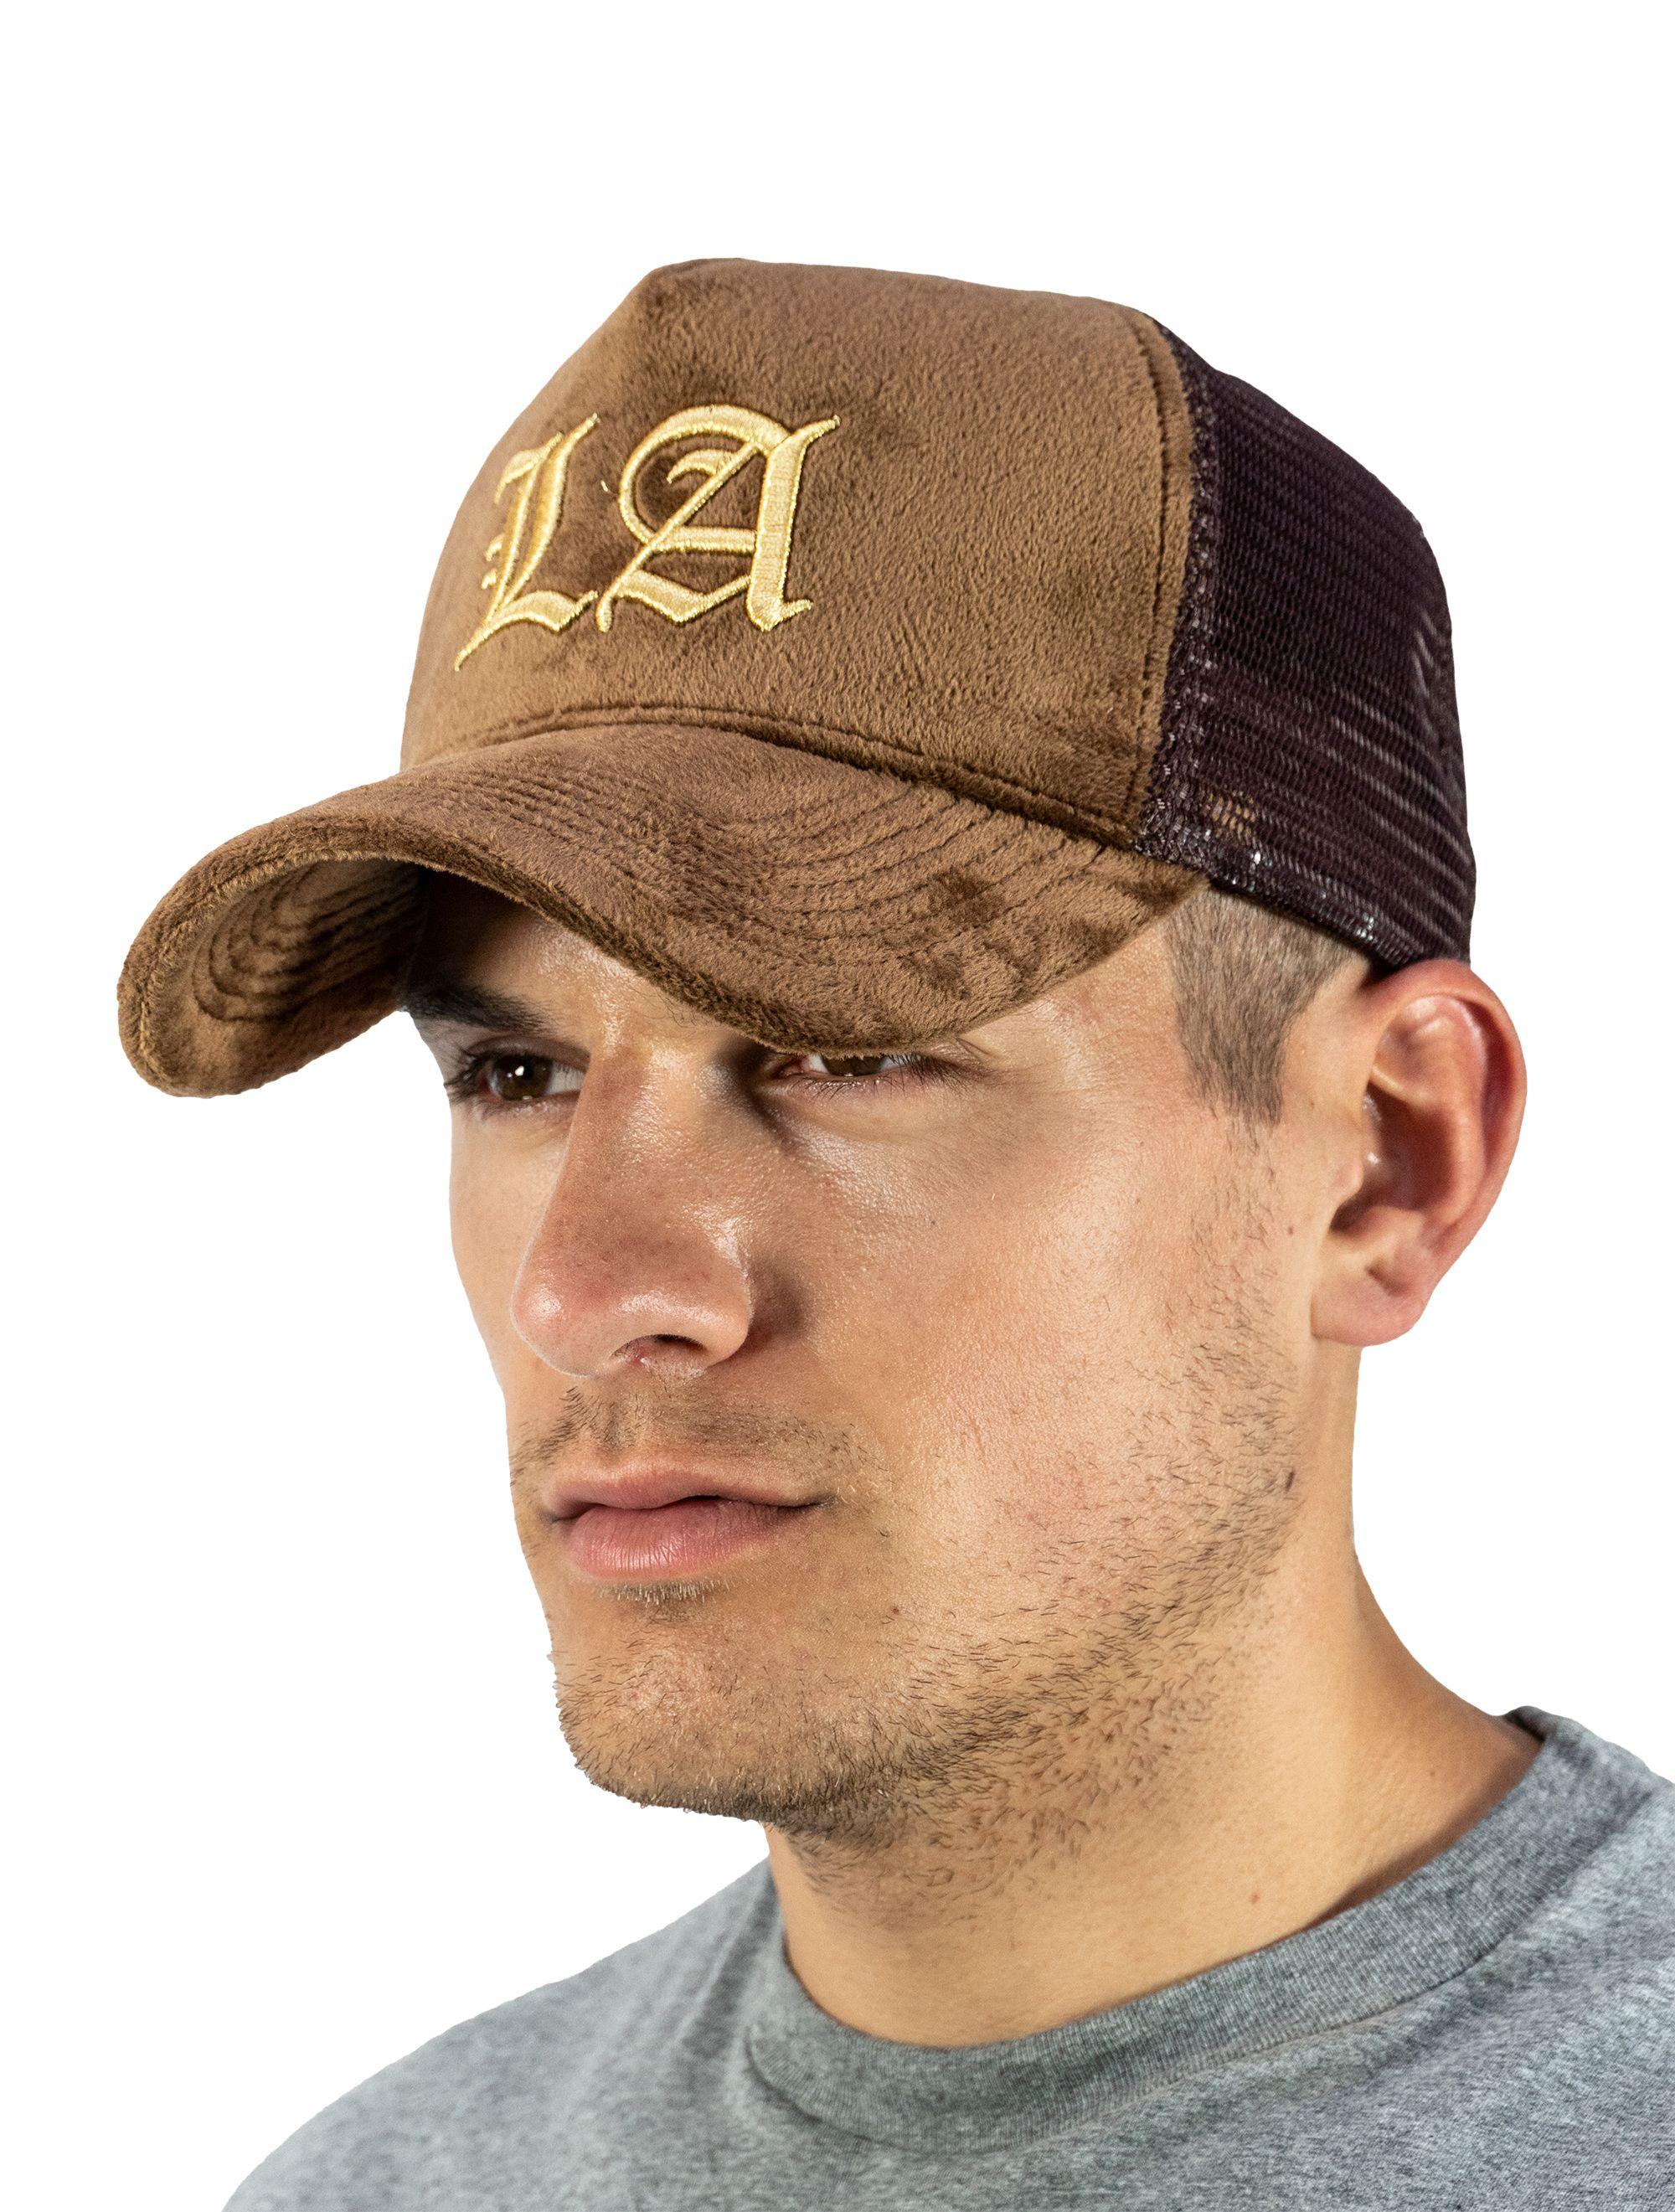 Limited Velvet Trucker Cap By Chiccheria Brand Trucker Cap Cap Trucker